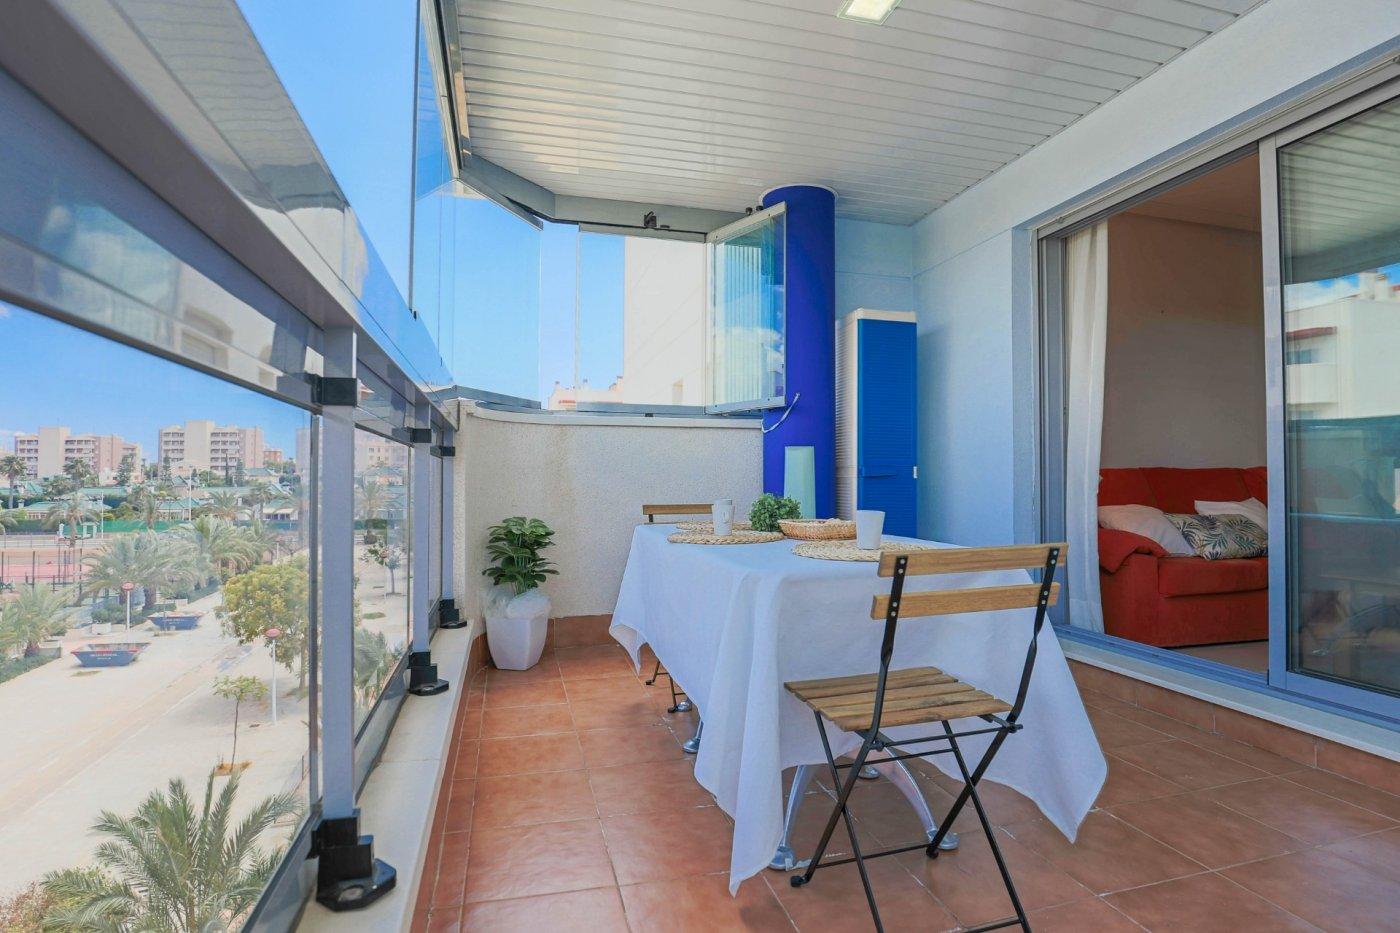 apartamento en arenales-del-sol · zona-gran-via 123900€